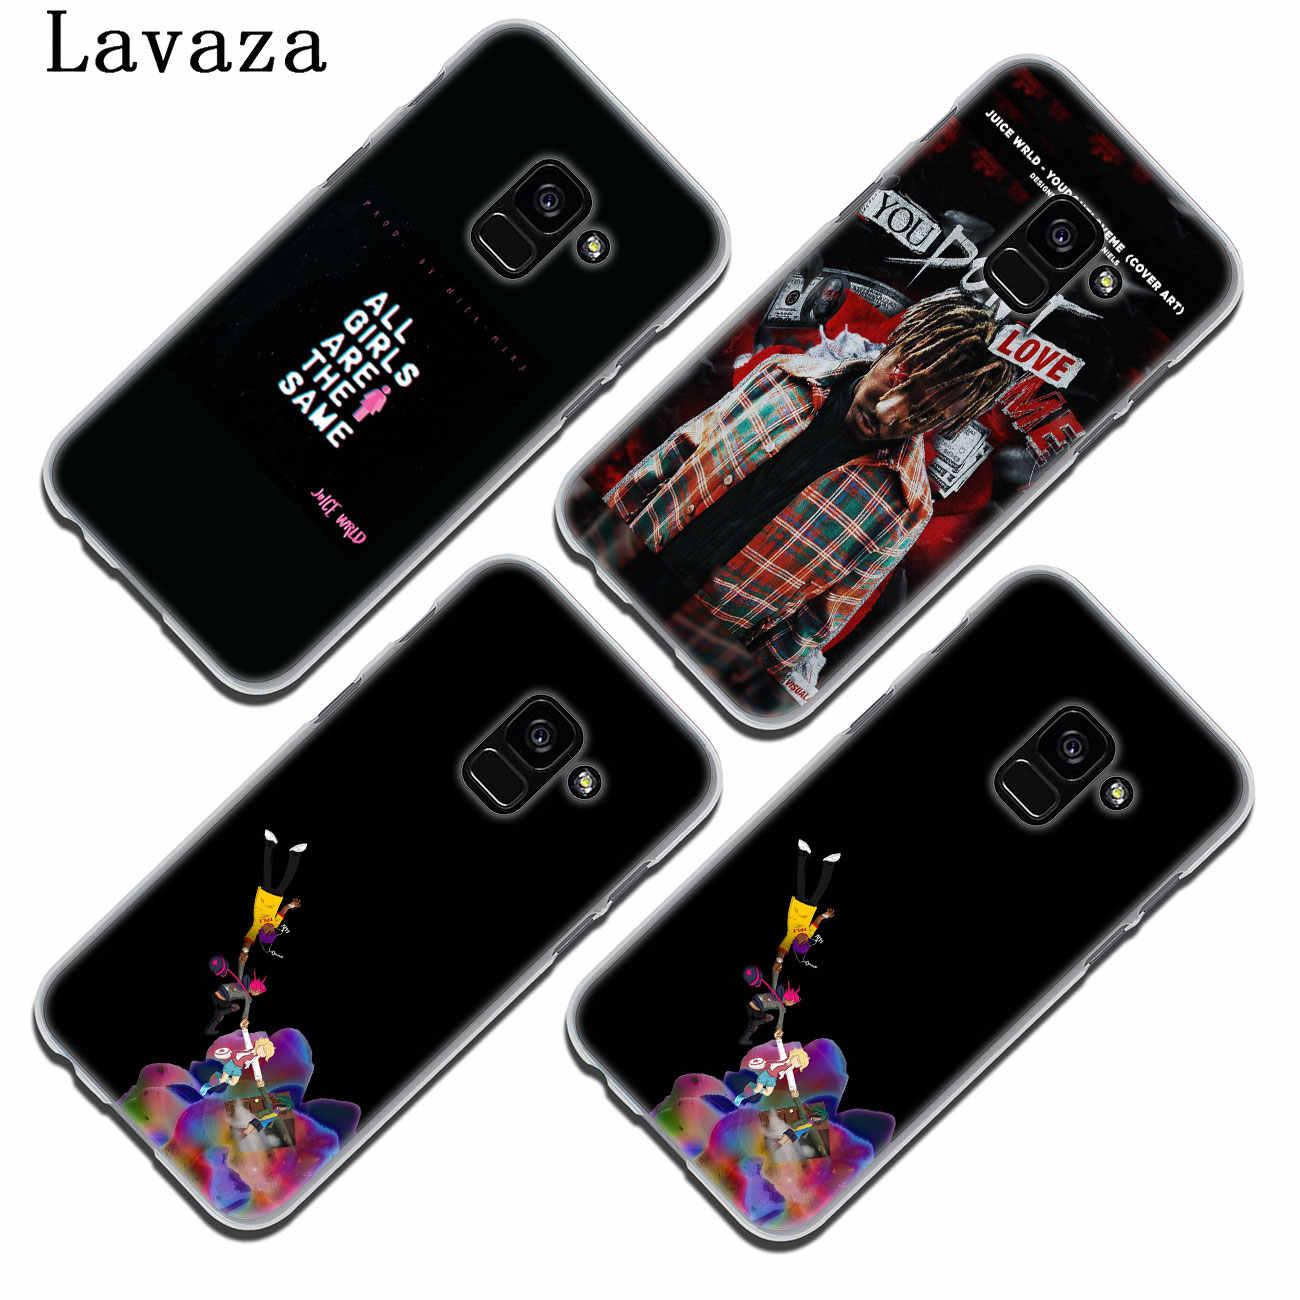 Lavaza suco wrld capa dura do telefone para samsung galaxy j8 j7 duo j6 j5 j4 plus 2018 2017 2016 2015 j2 j3 prime ue eua